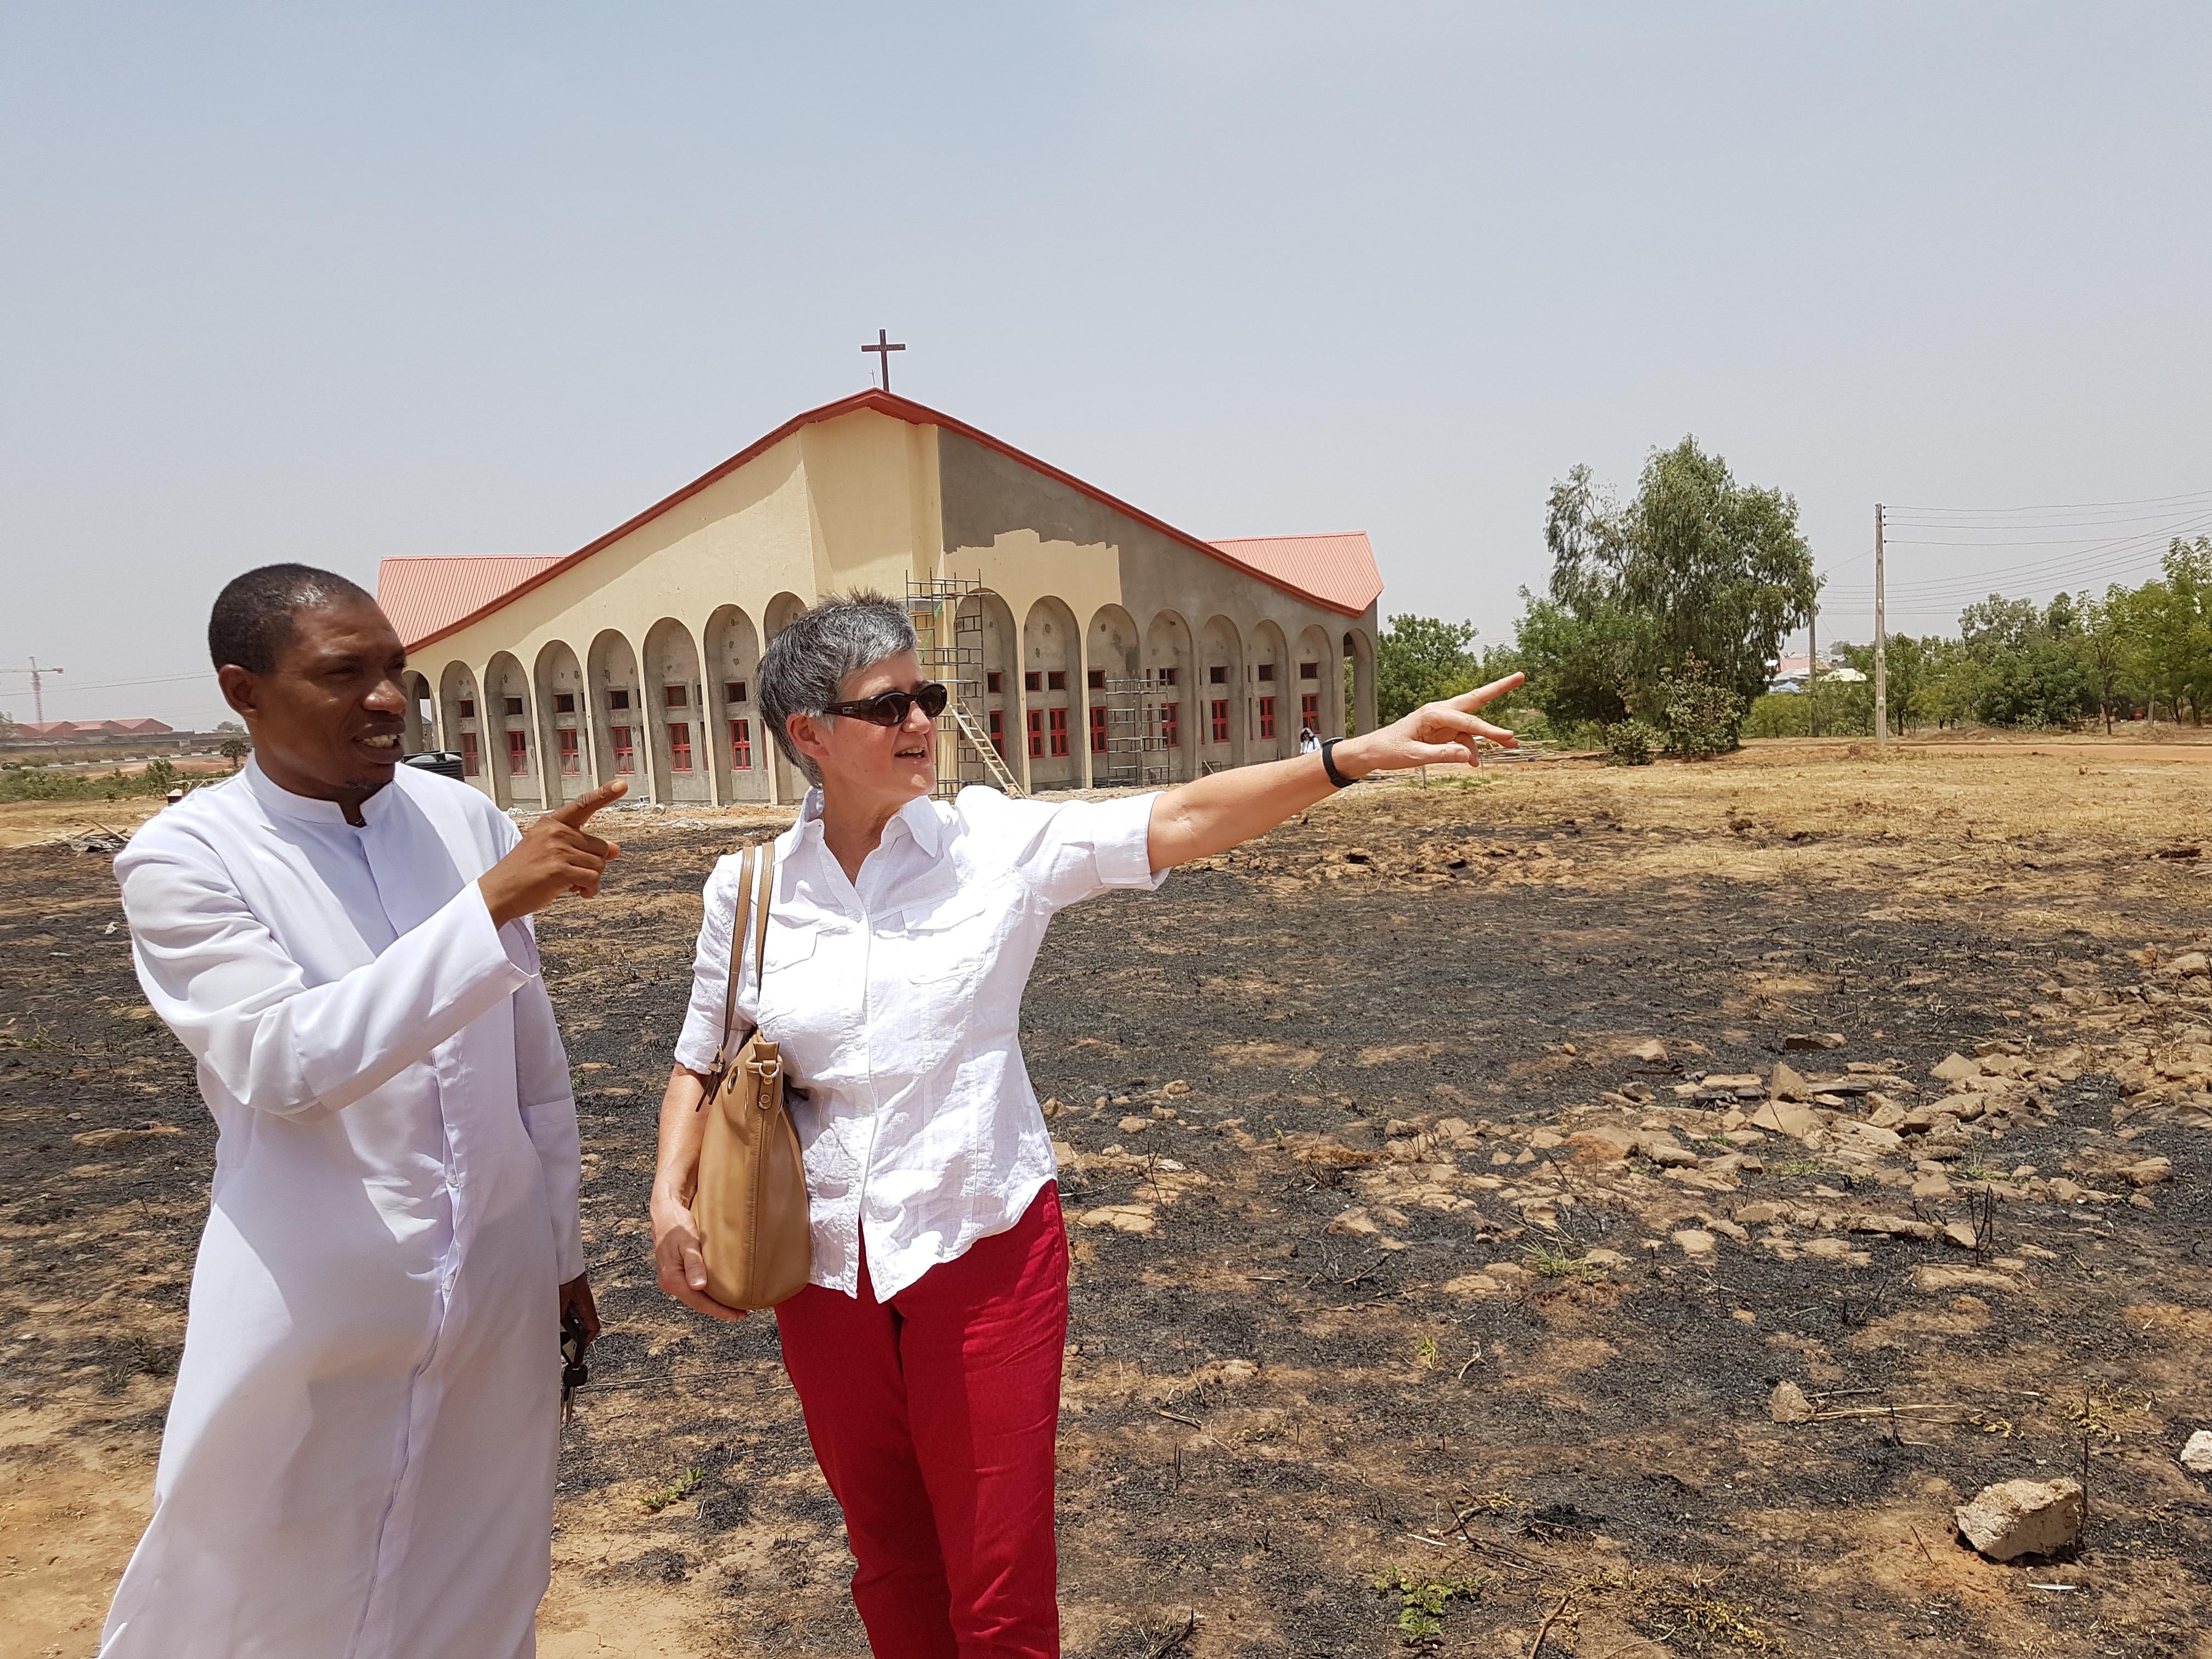 Un repaso a casi 30 años de la labor a favor de la Iglesia africana